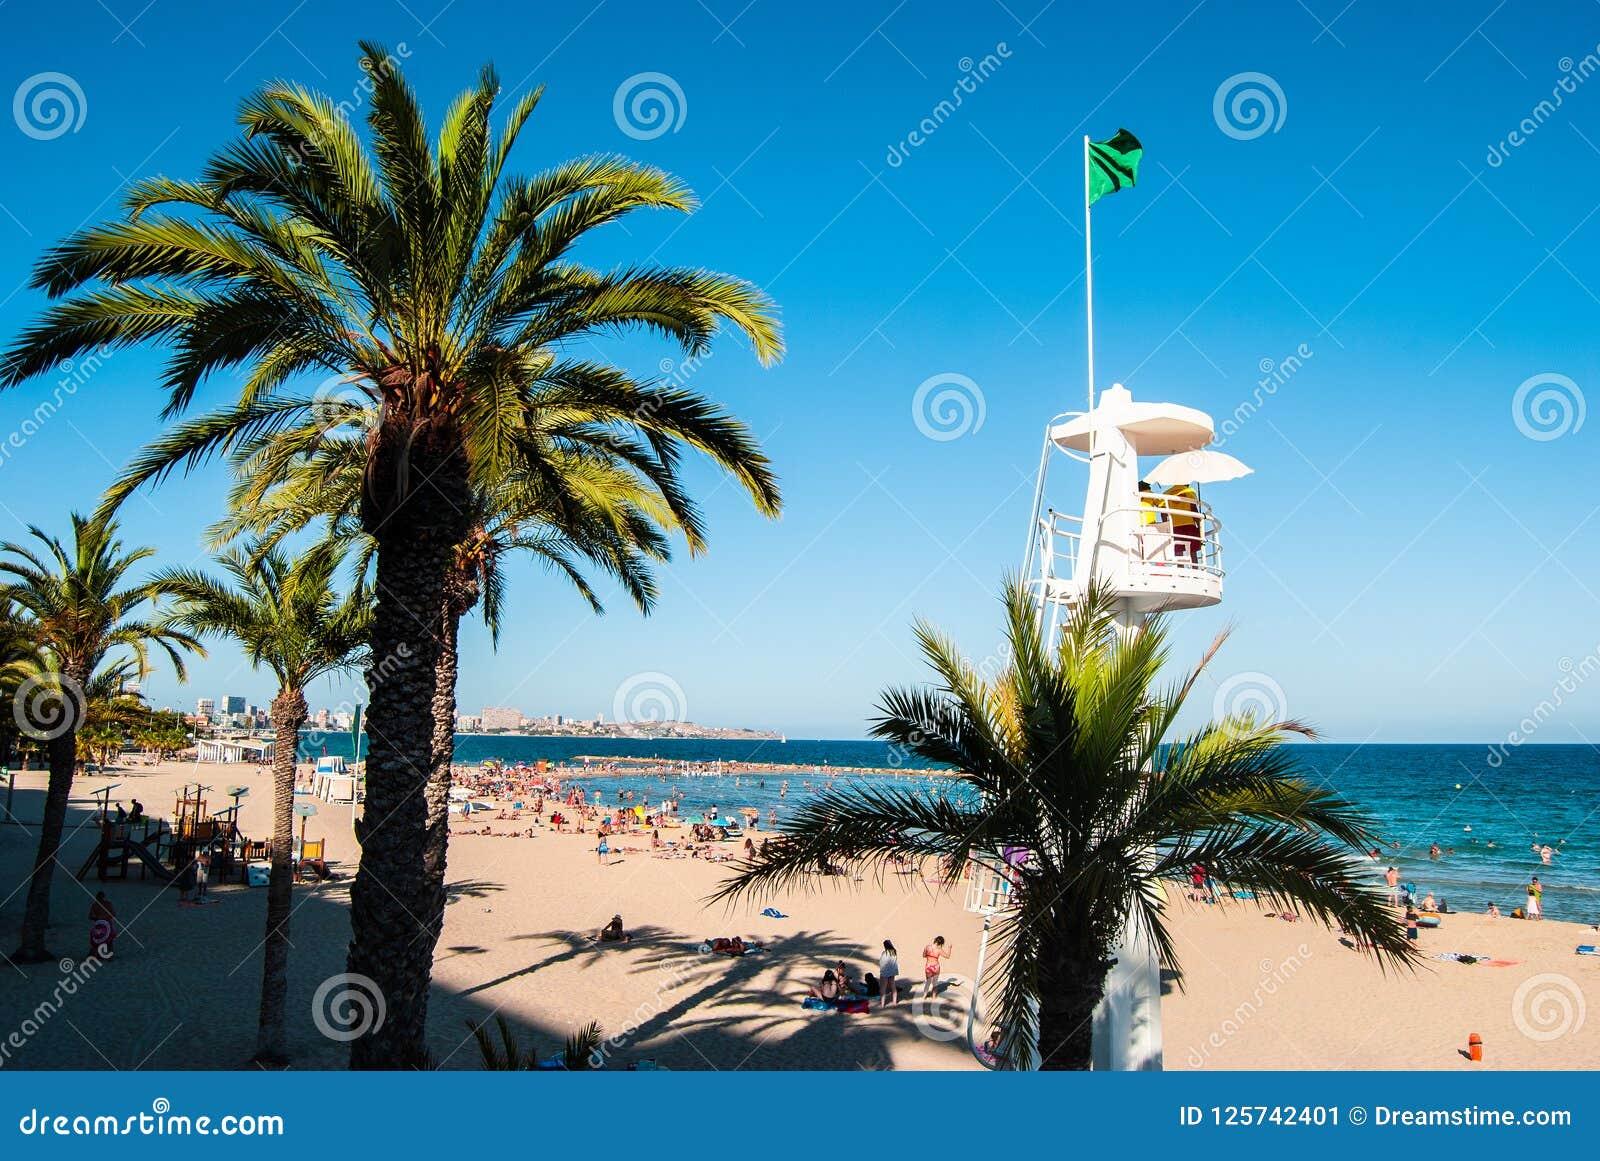 Alicante Playa de San Juan